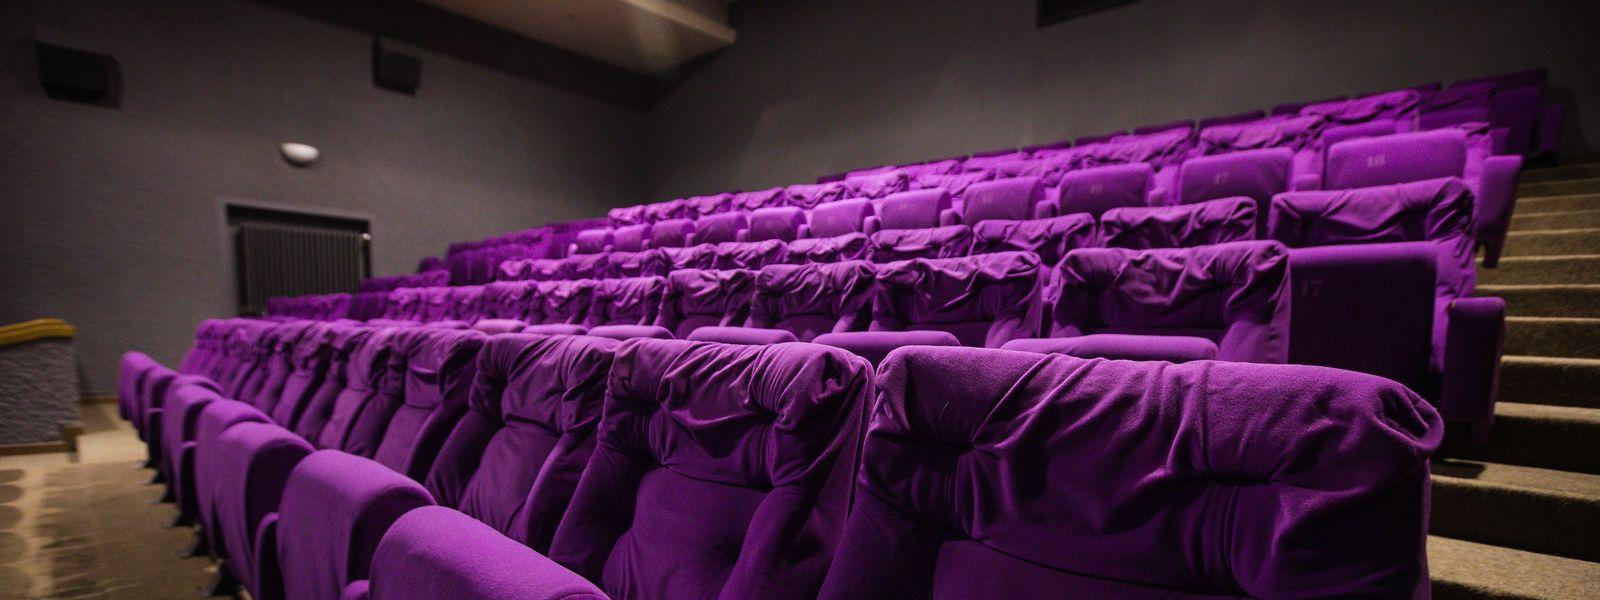 Der Kinosaal könnte zum Theatersaal werden.